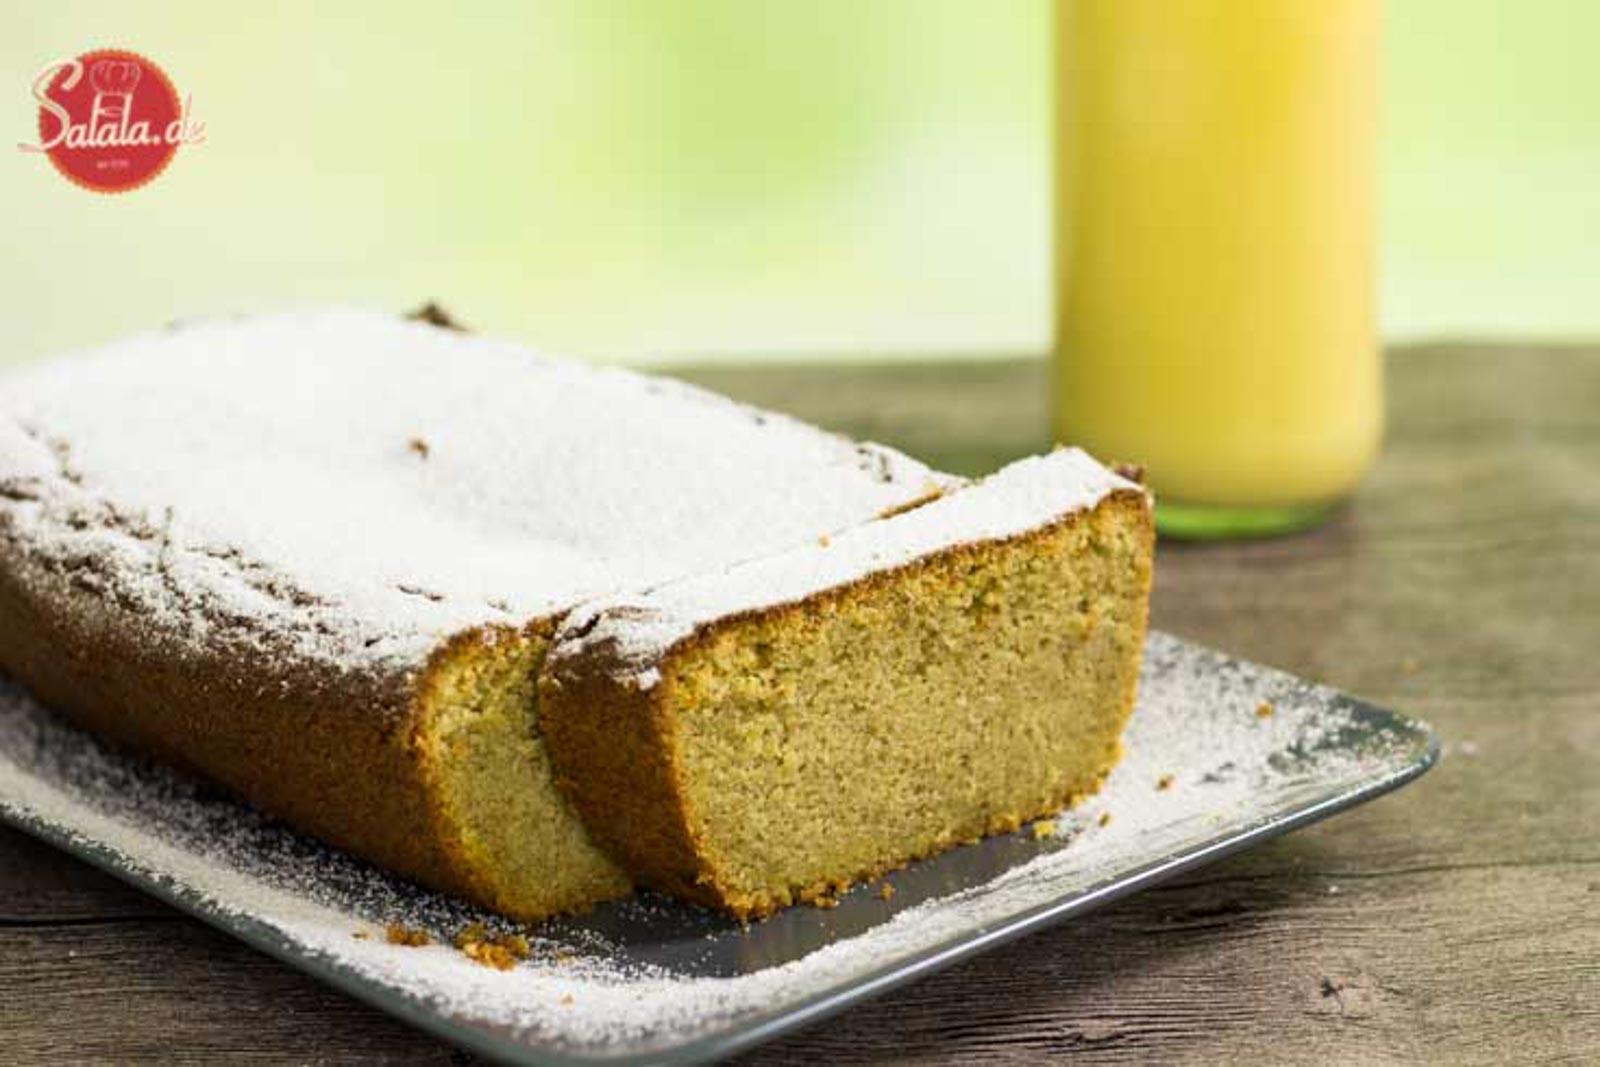 Eierlikörkuchen zuckerfrei selber machen - by salala.de - ohne Mehl und ohne Zucker Low Carb Rezept